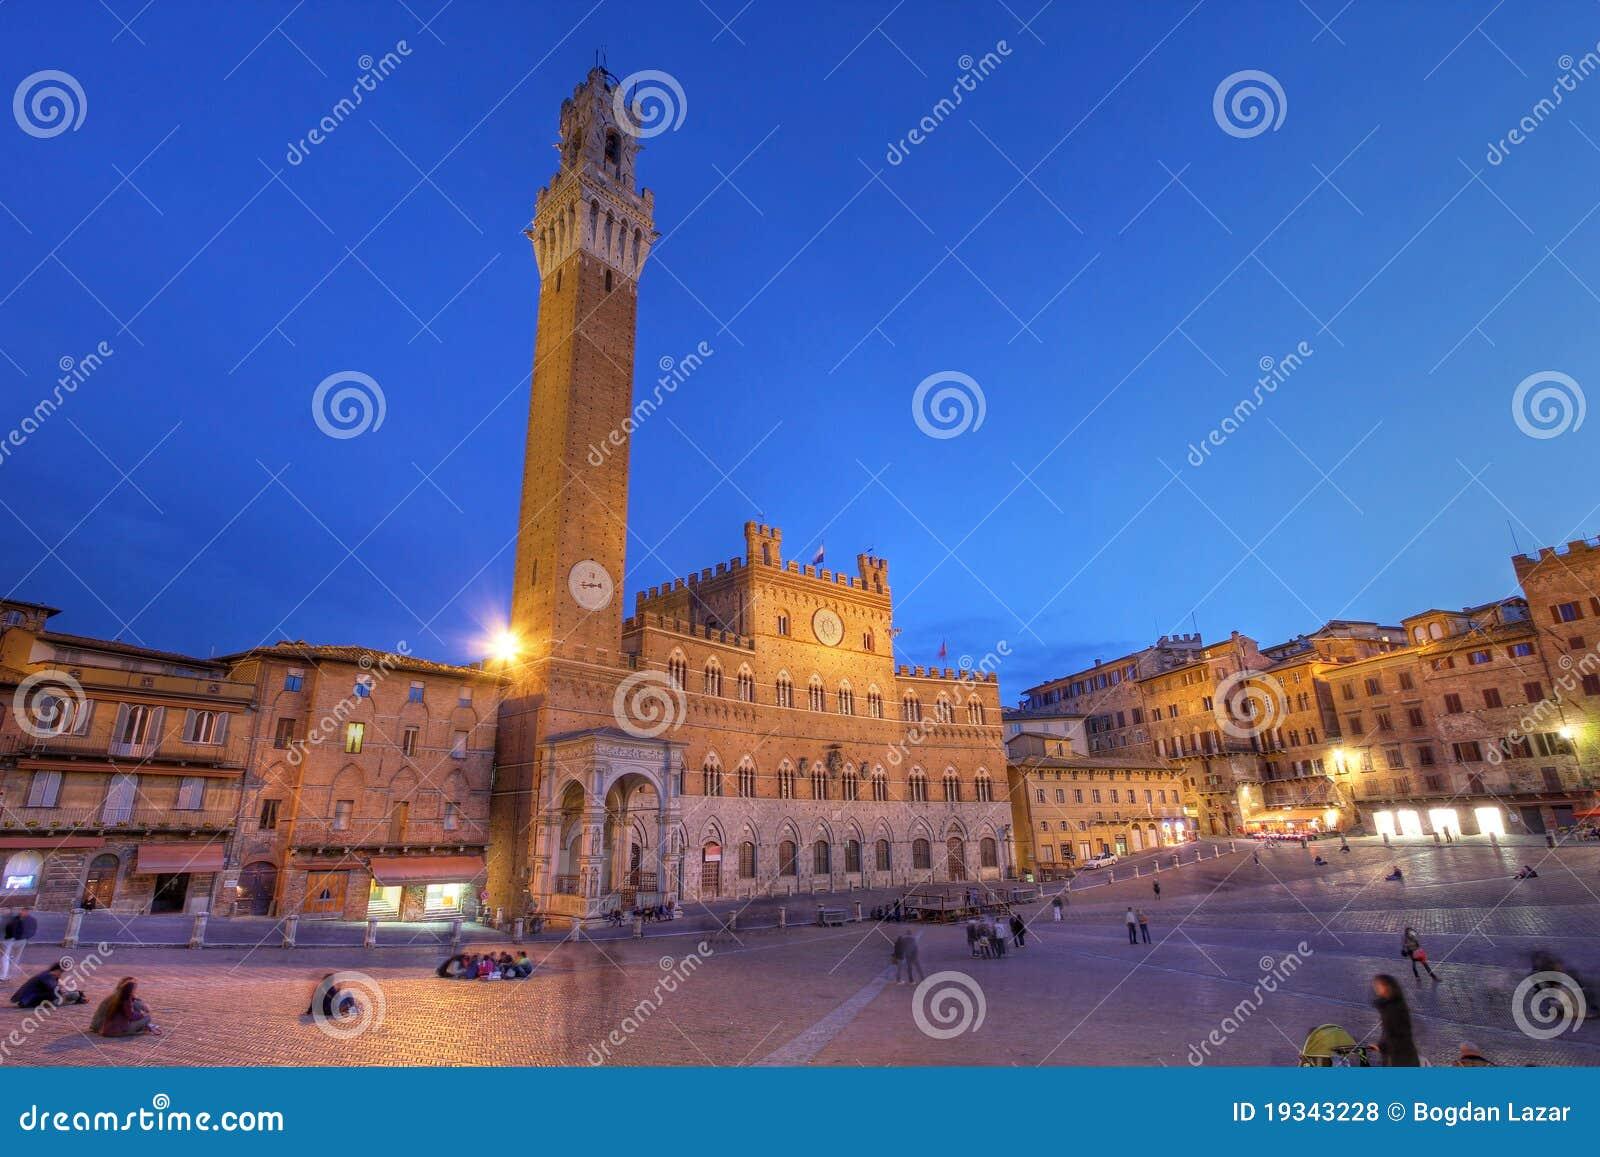 Palazzo Publico in Piazza del Campo, Siena, Italia